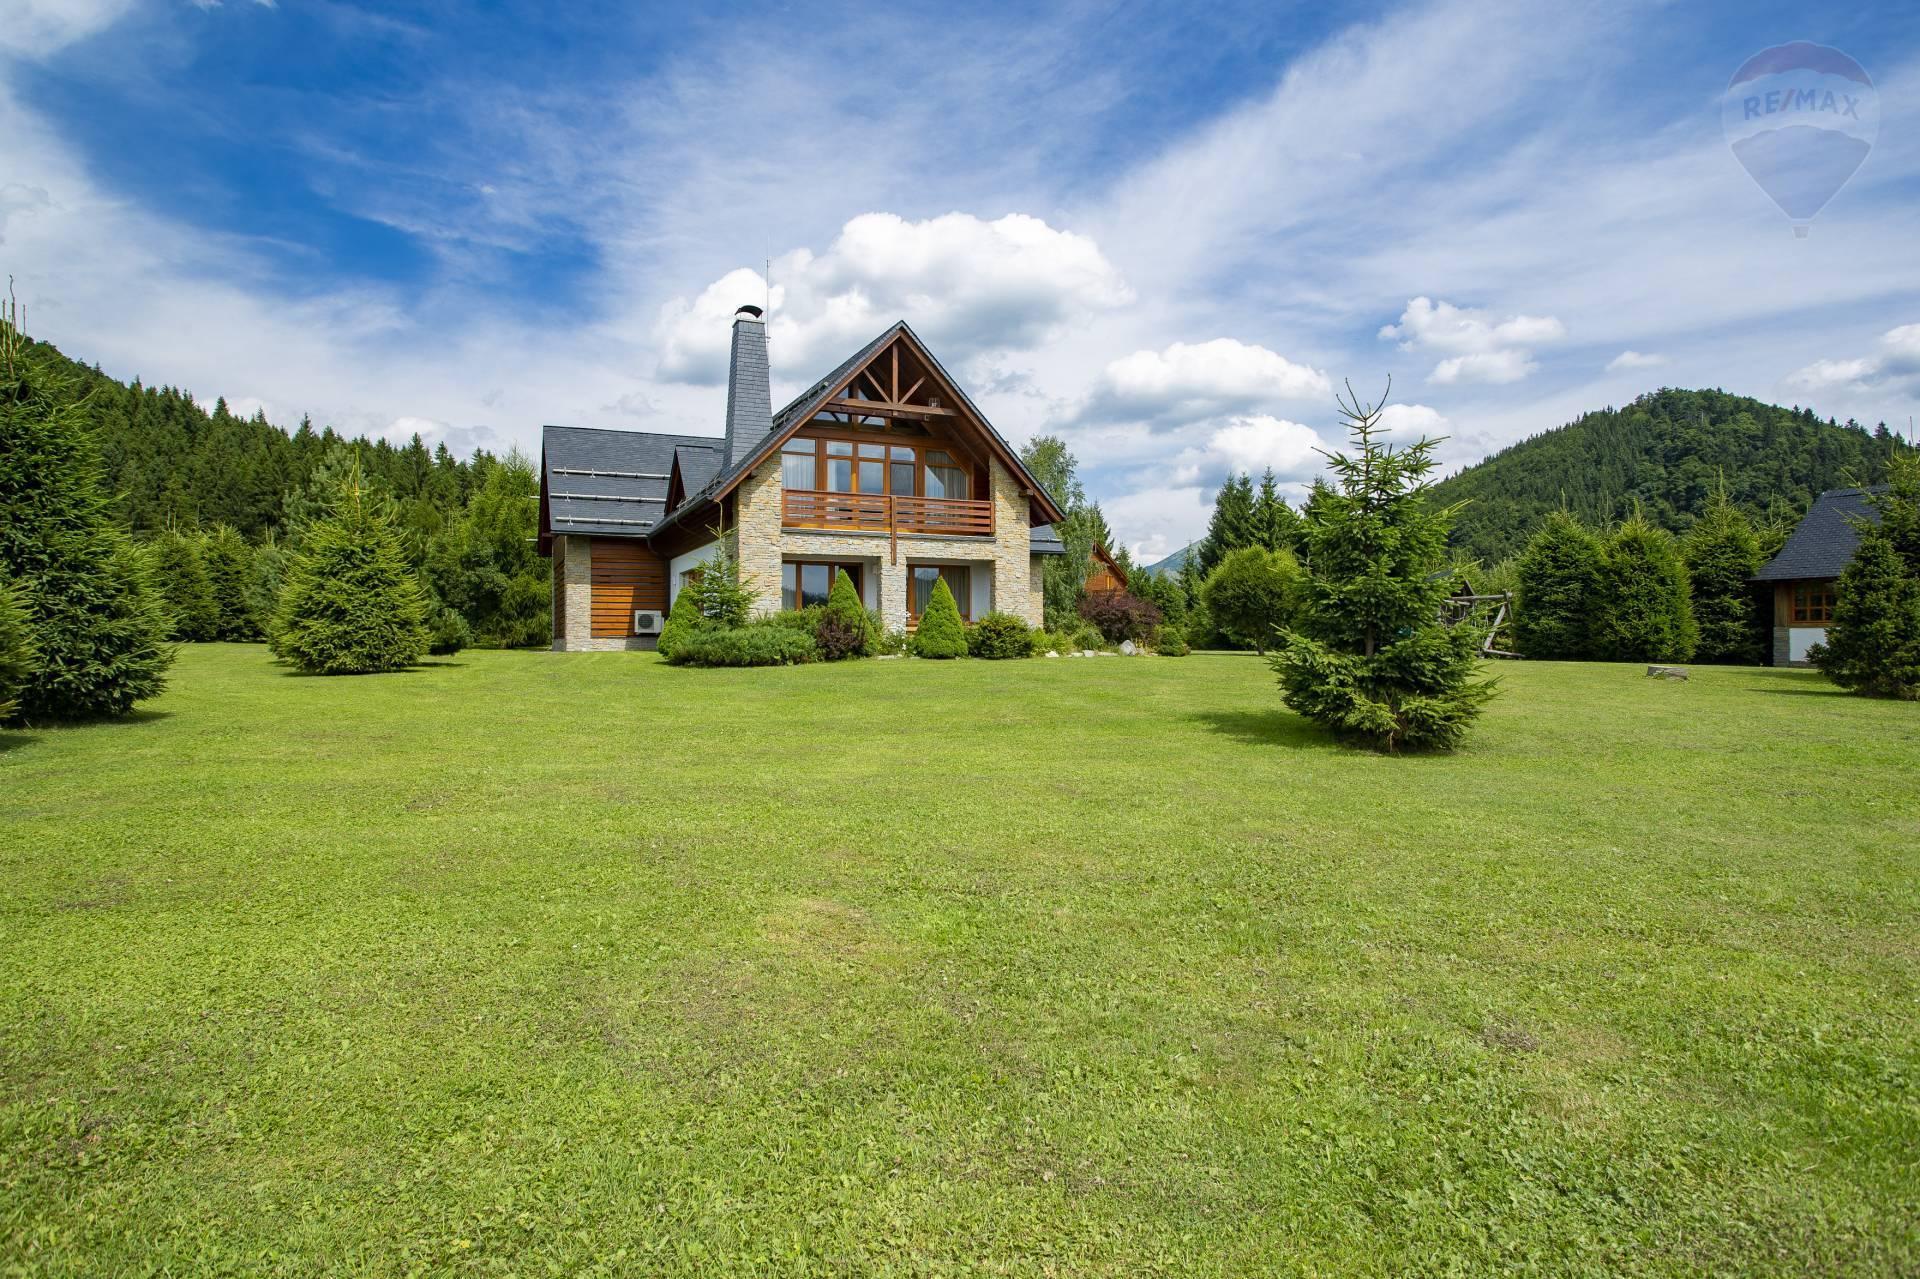 PREDAJ: Nadštandardná horská chata s lukratívnym pozemkom,obec Donovaly, časť Mišúty